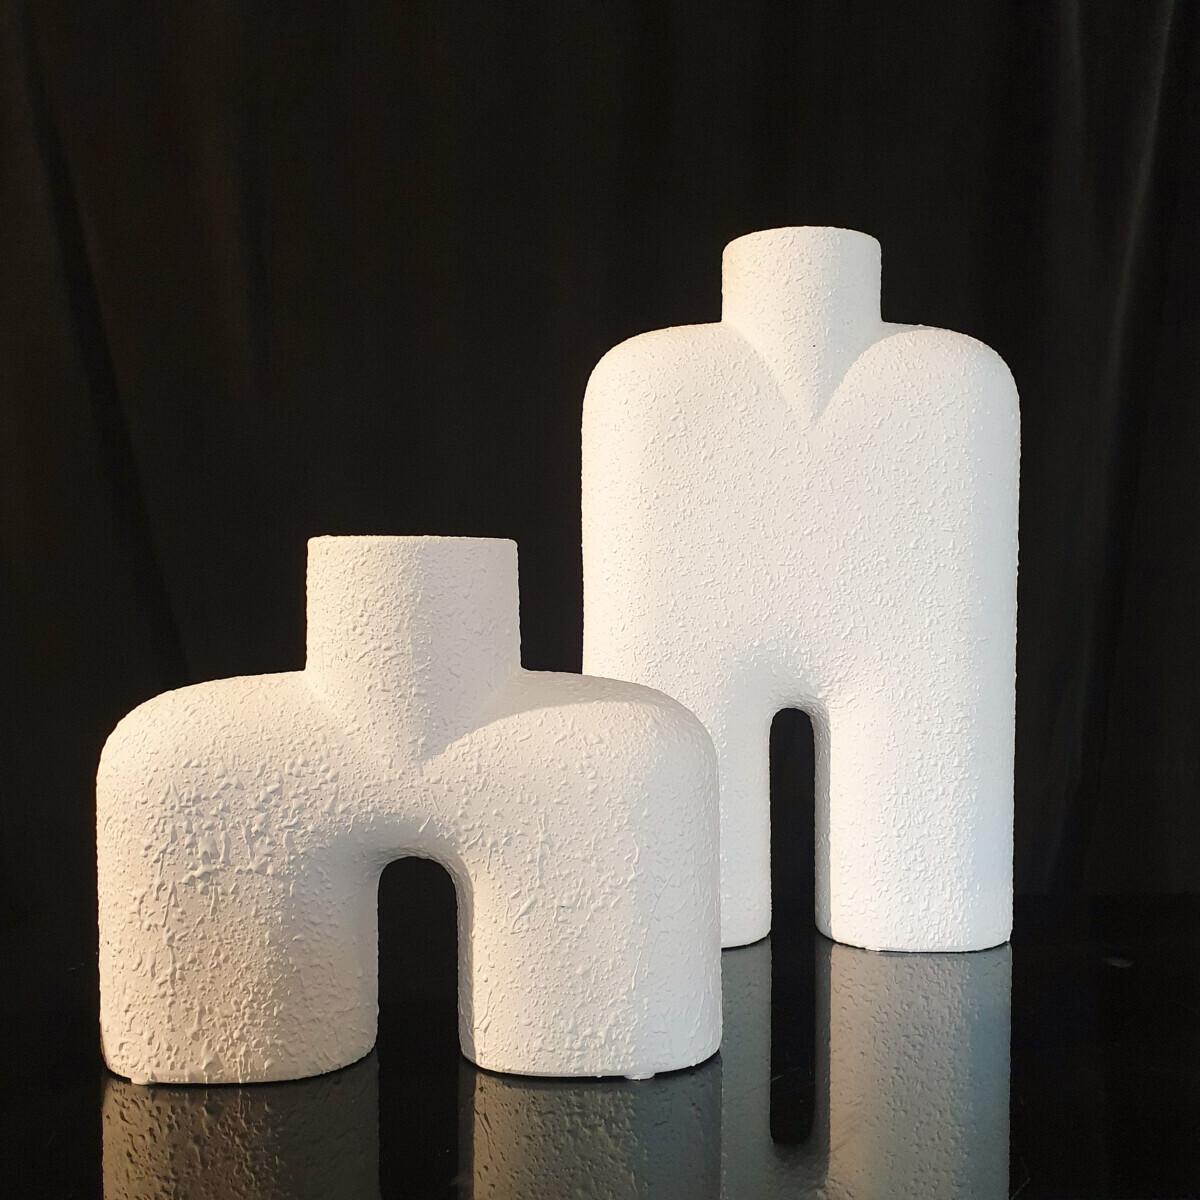 Dining Room Decoration White Ceramic Vases